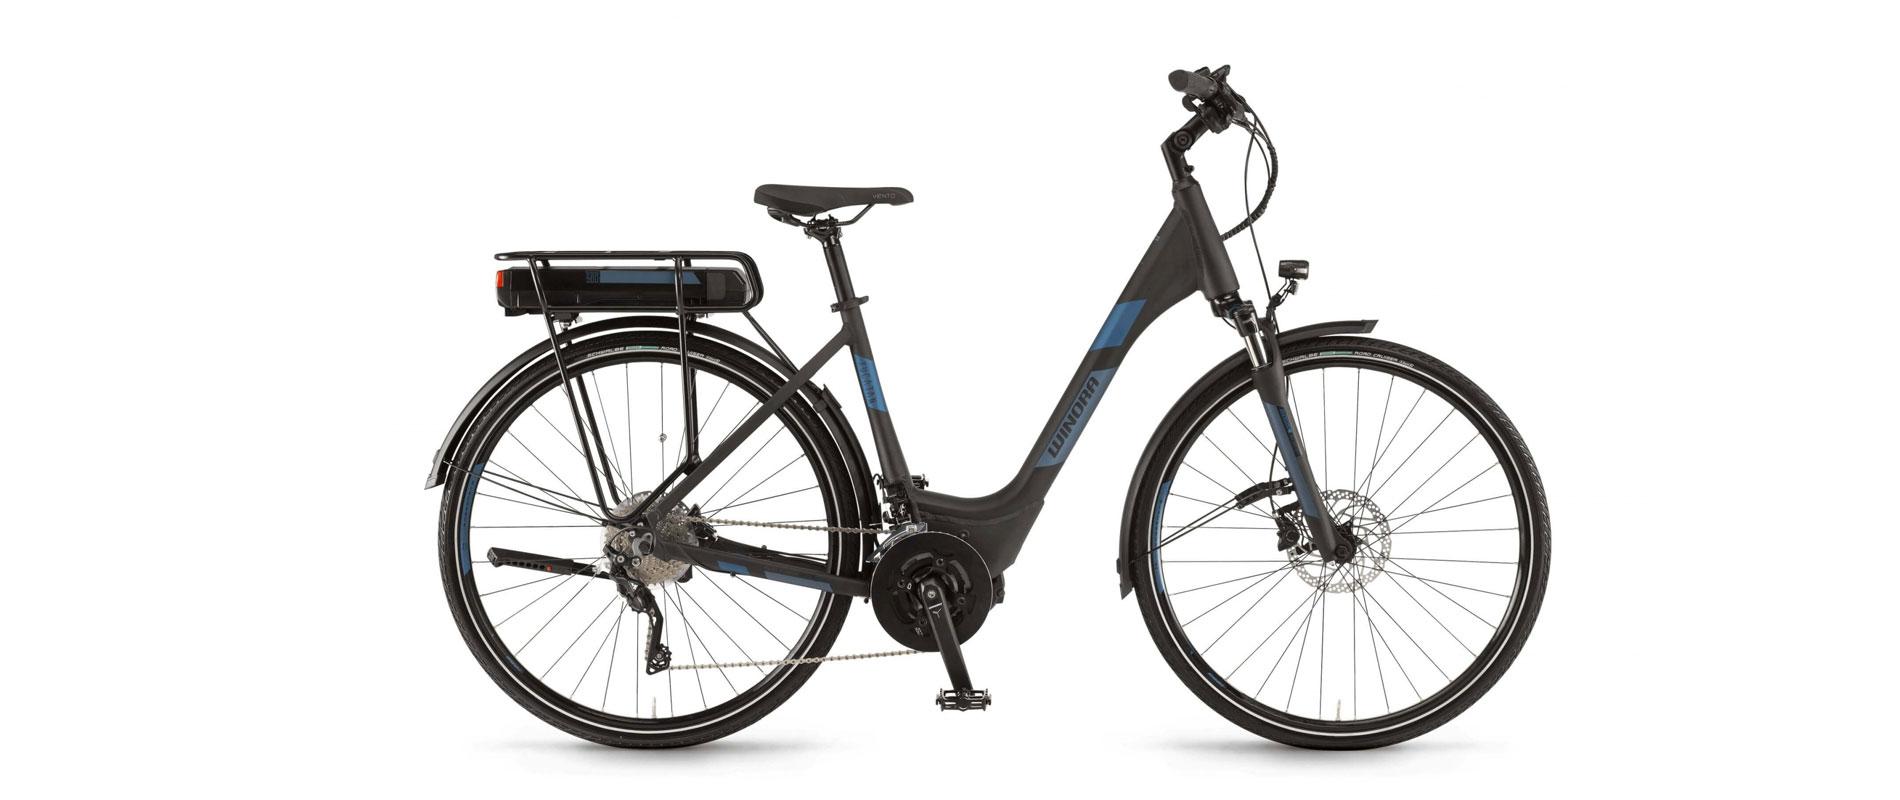 https://bikepointtenerife.com/wp-content/uploads/2019/05/winora-yucatan-20-1.jpg